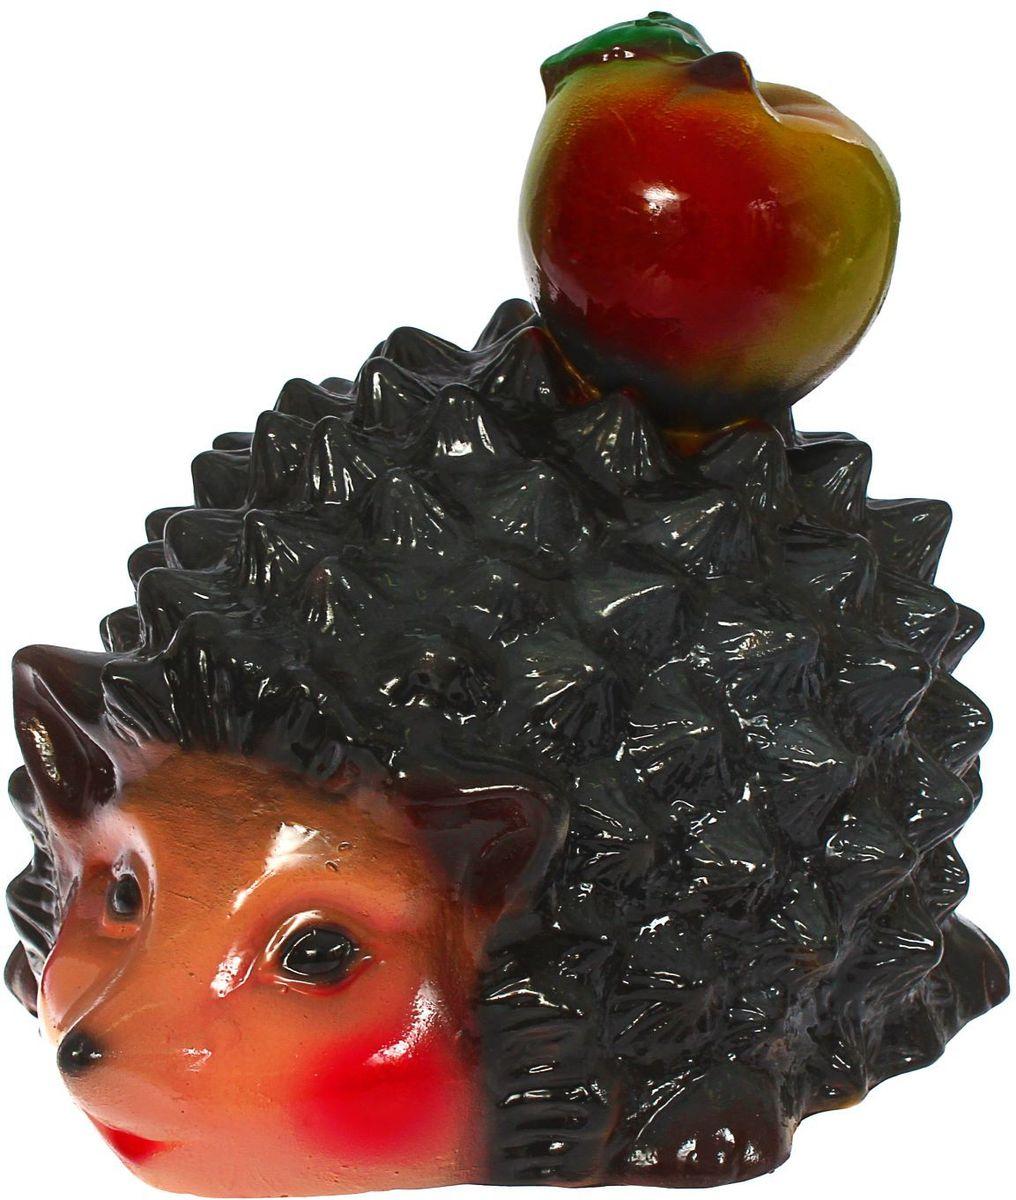 Фигура садовая Керамика ручной работы Ежик с яблоком, 29 х 20 х 22 см43863Ёжики придадут саду уюта и очарования. Эти зверьки символизируют запасливость, поэтому непременно помогут вырастить и сохранить богатый урожай. Такой декор выгоднее всего смотрится в траве или под деревьями — в природных местах обитания животных. #name# создаст солнечное настроение даже в пасмурный день и сделает дачный участок оригинальным. Дополните окружающее пространство необычной деталью.